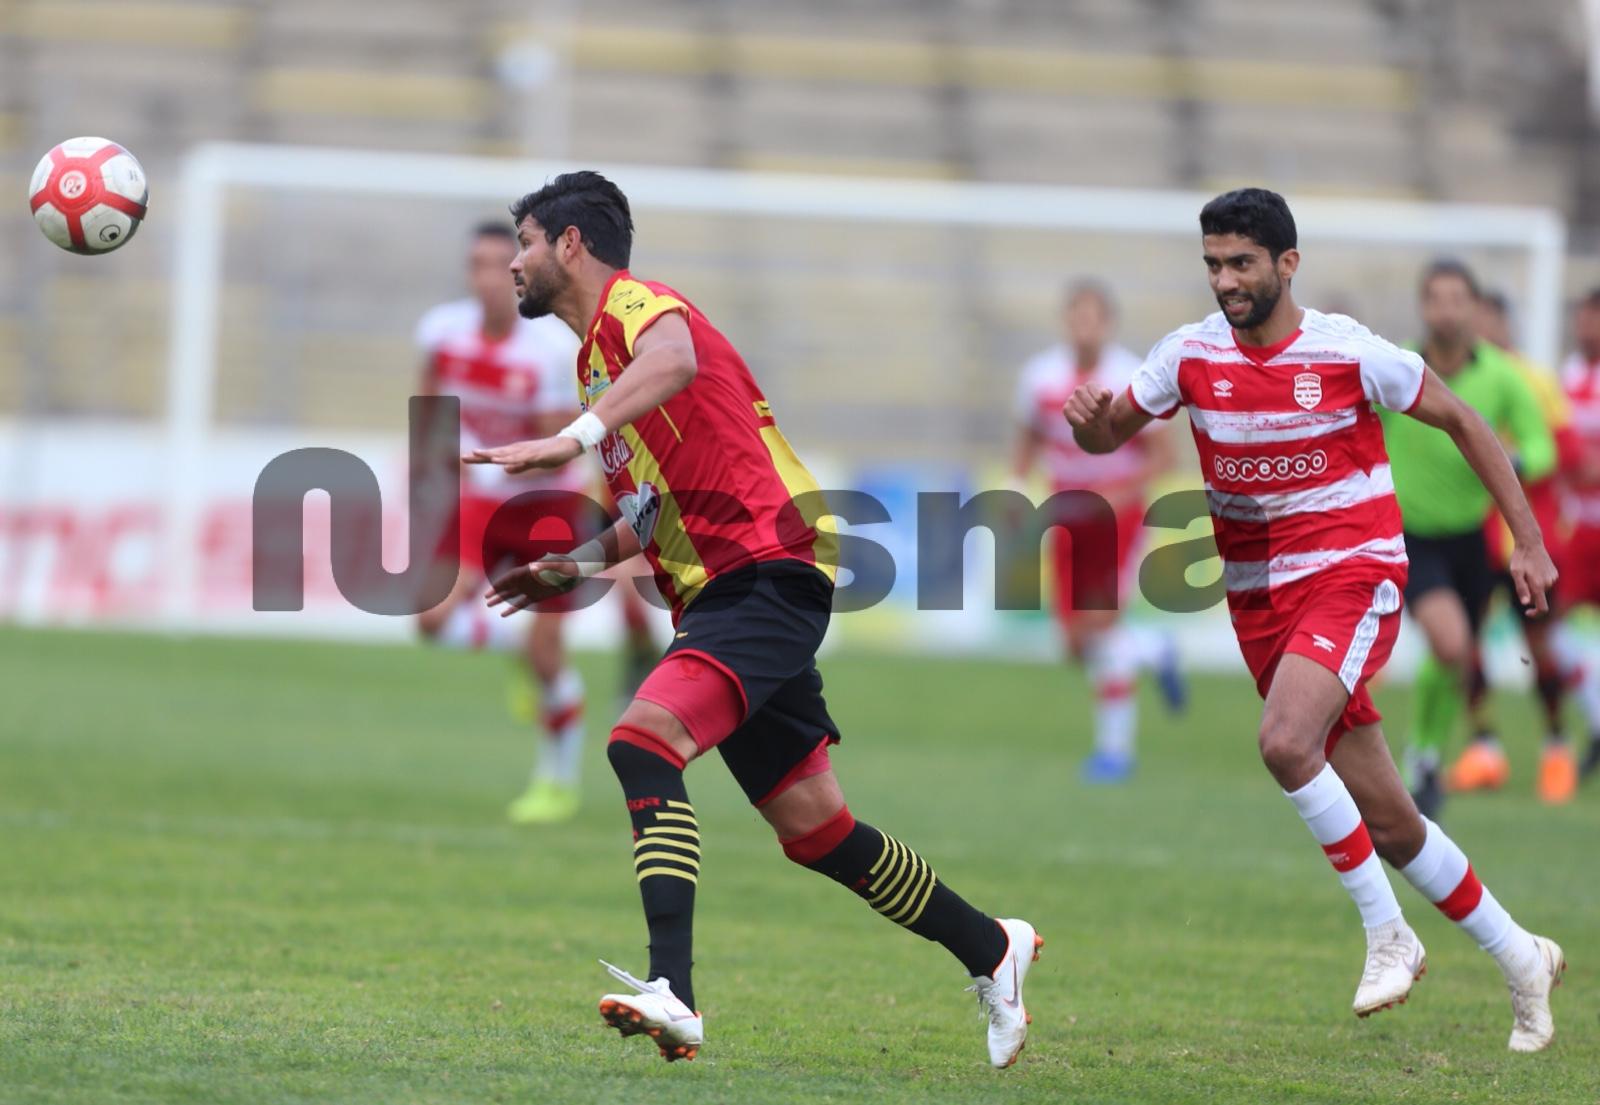 صور الشوط الثاني من مباراة النادي الإفريقي ونجم المتلوي